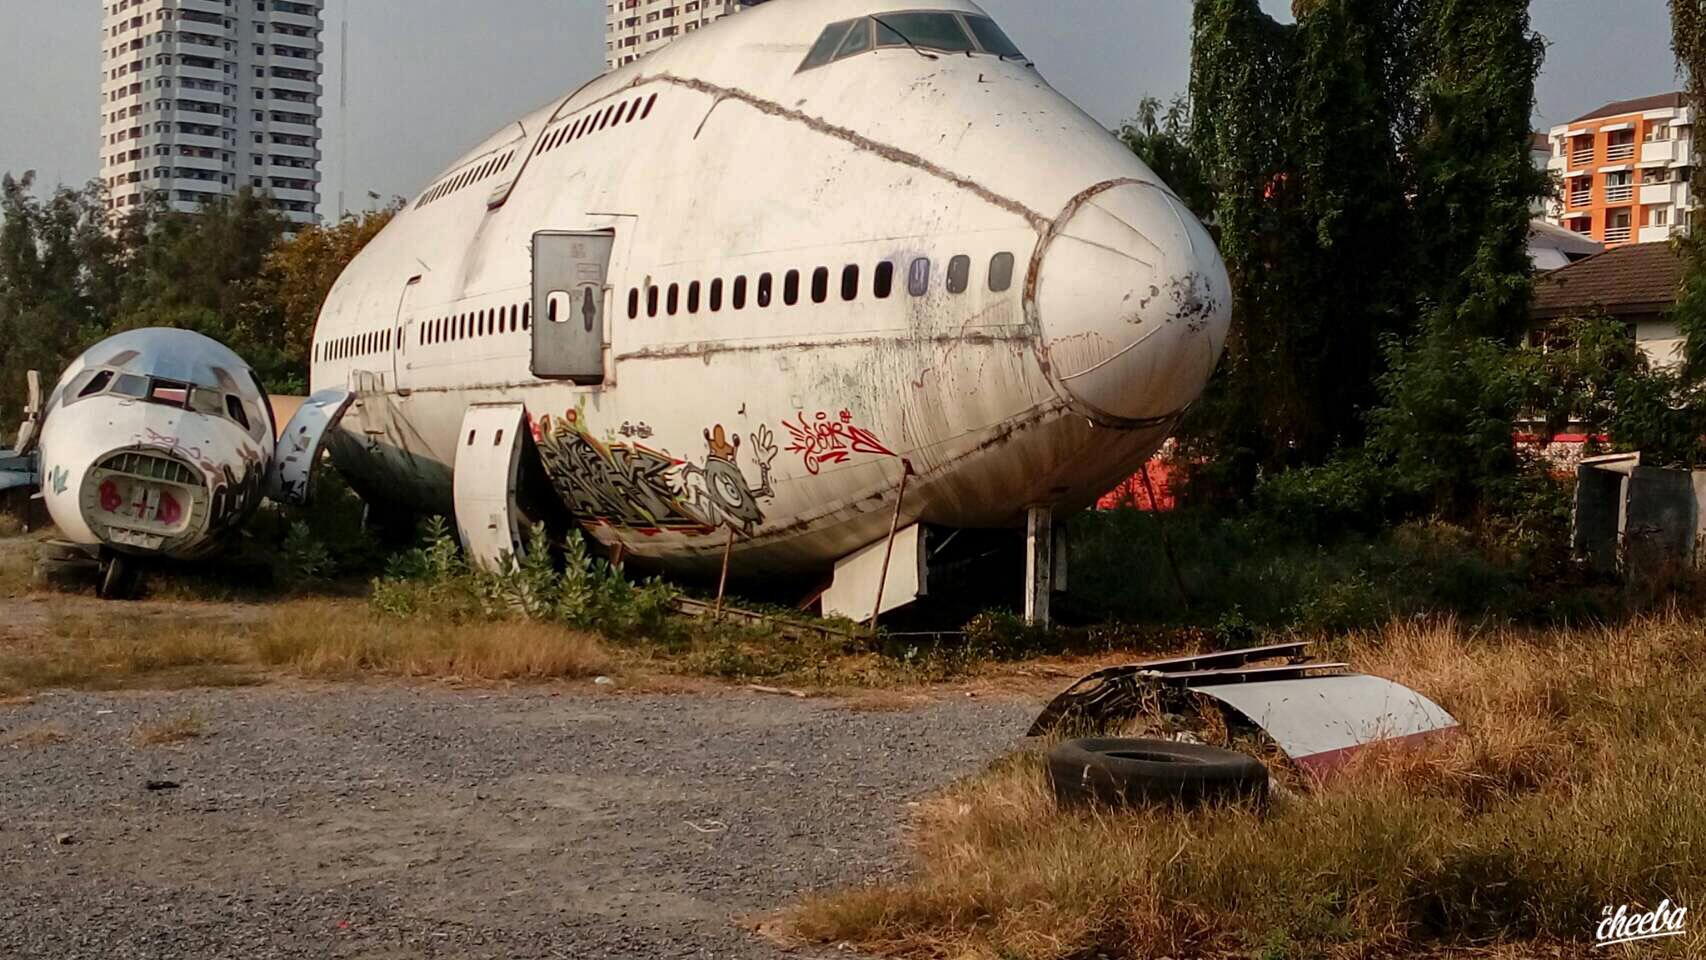 Boeing 747 Graveyard Bangkok - Urbex Boeing abandonné à Bangkok - Urbex El Cheeba